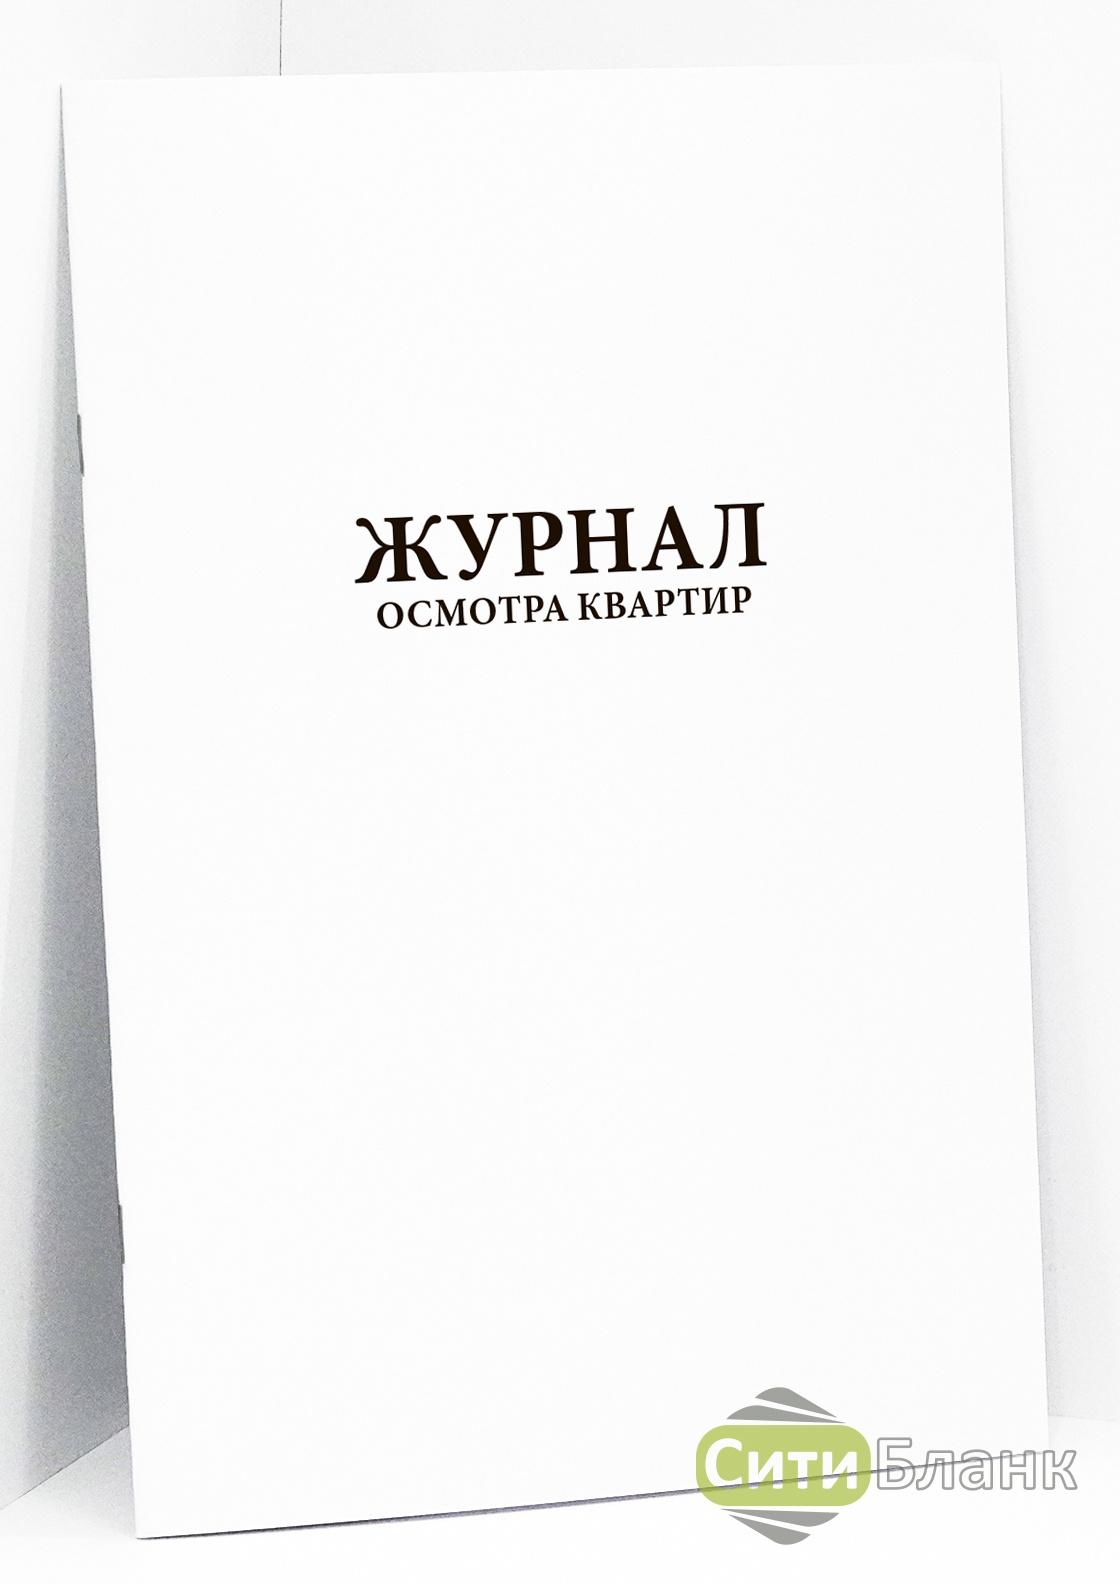 Фото журнал осмотра квартир московские водники